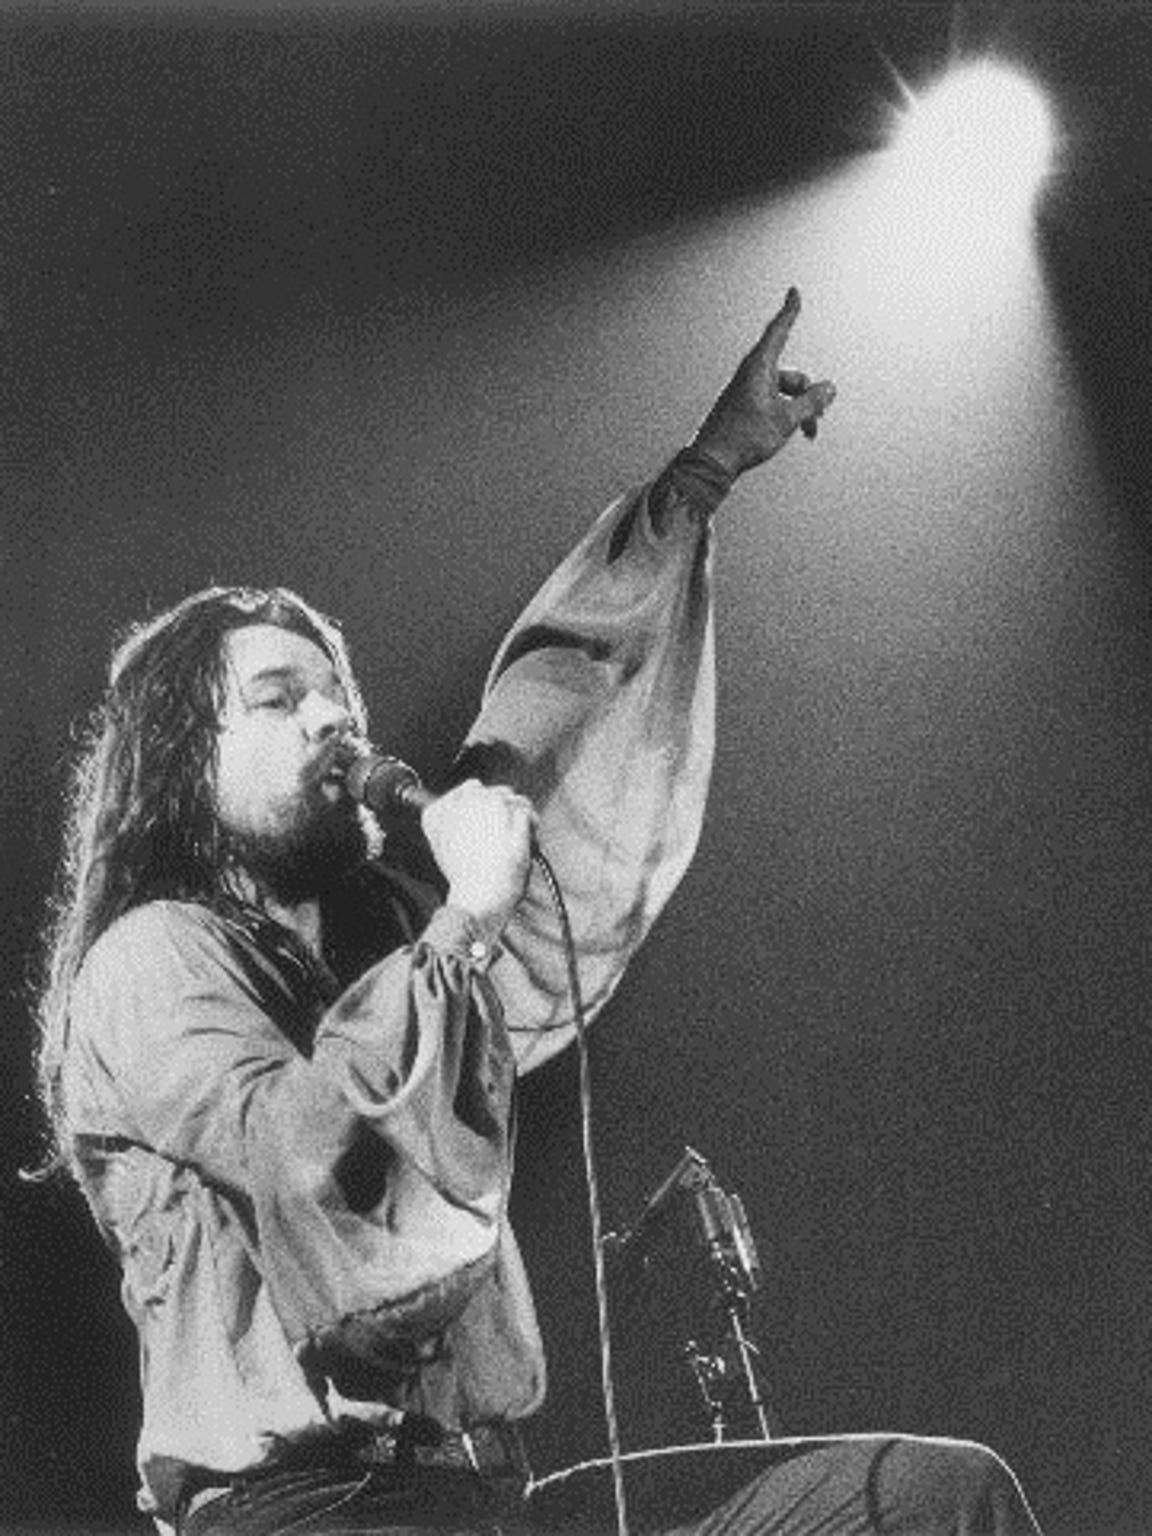 Bob Seger at Cobo Hall on May 24, 1978